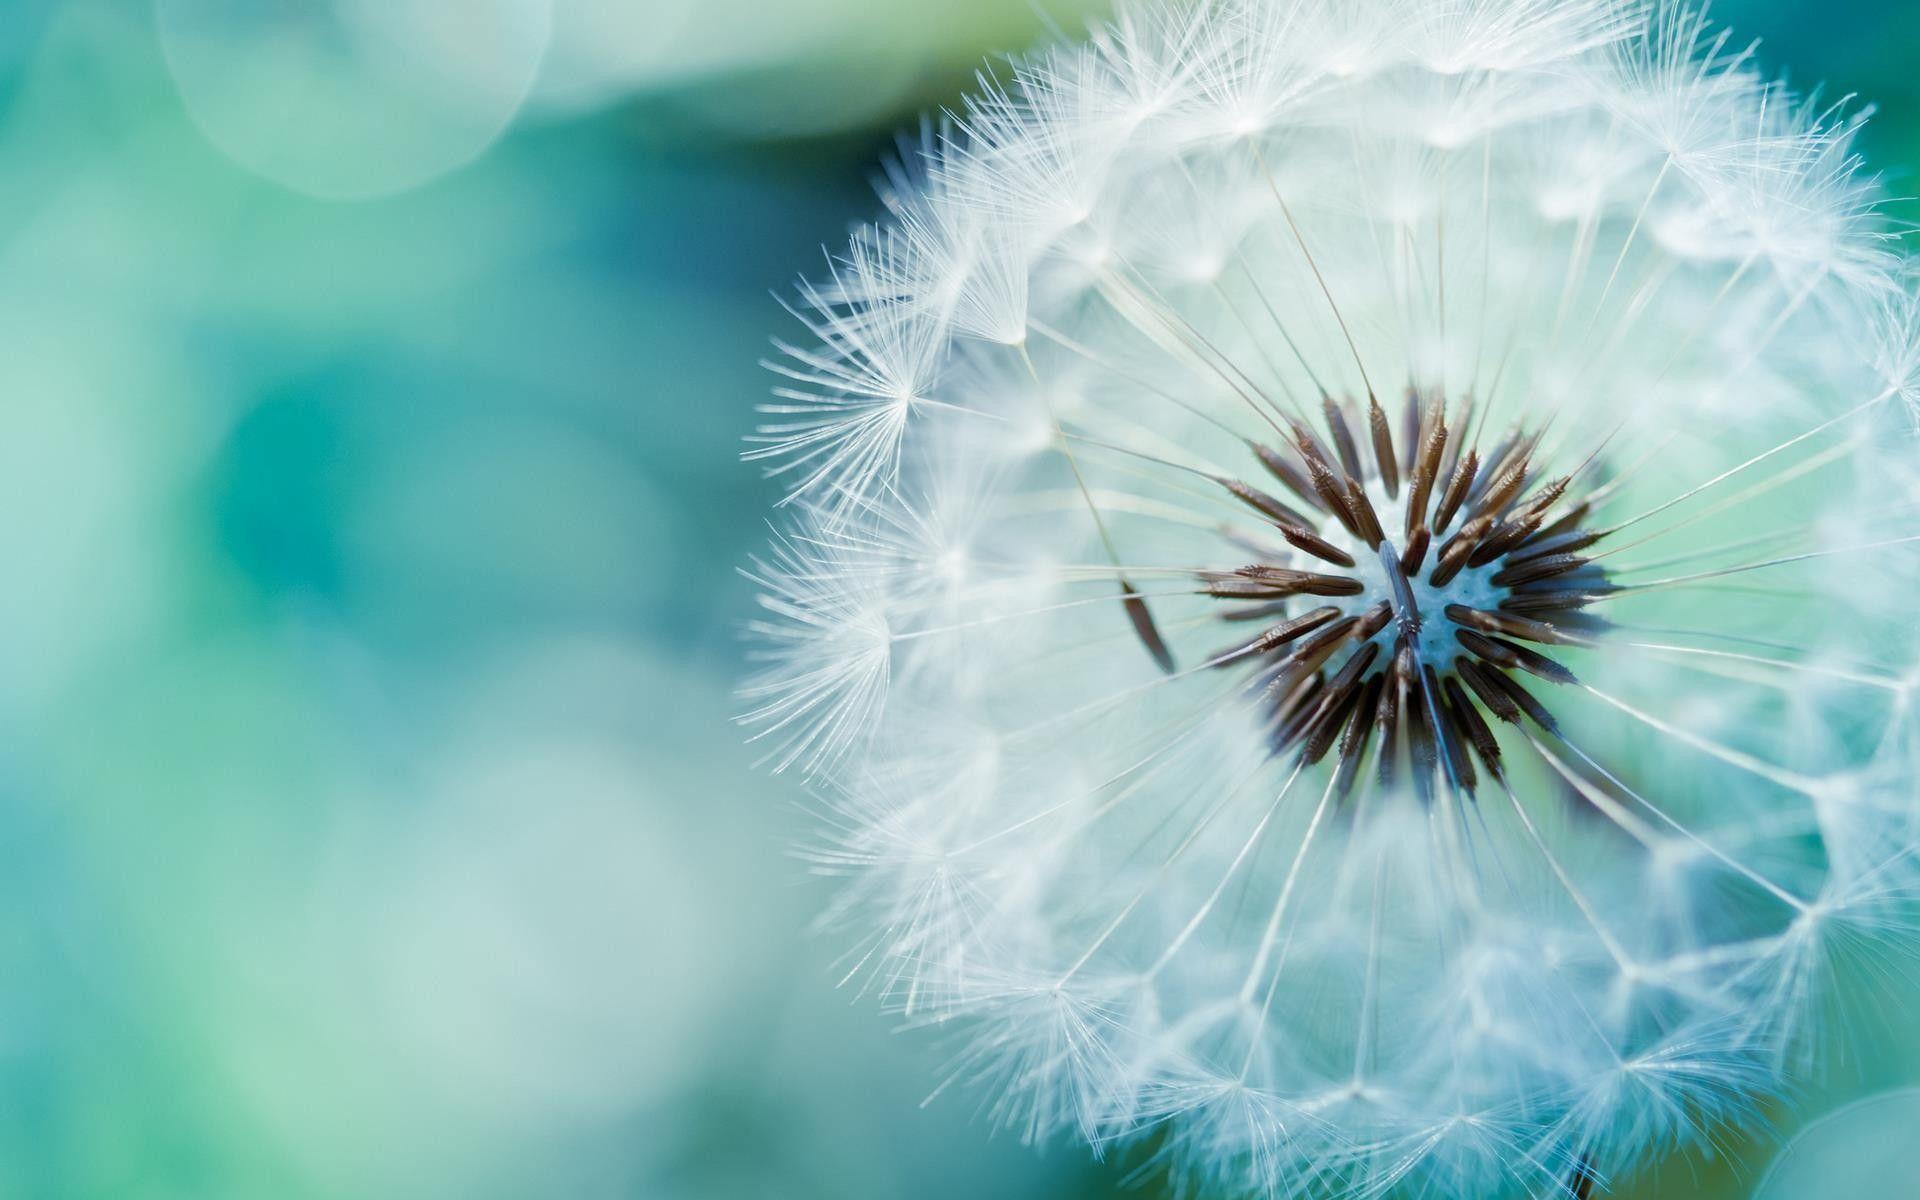 Fond cran image hd nature plante semence fleur wallpaper for Image nature hd gratuit